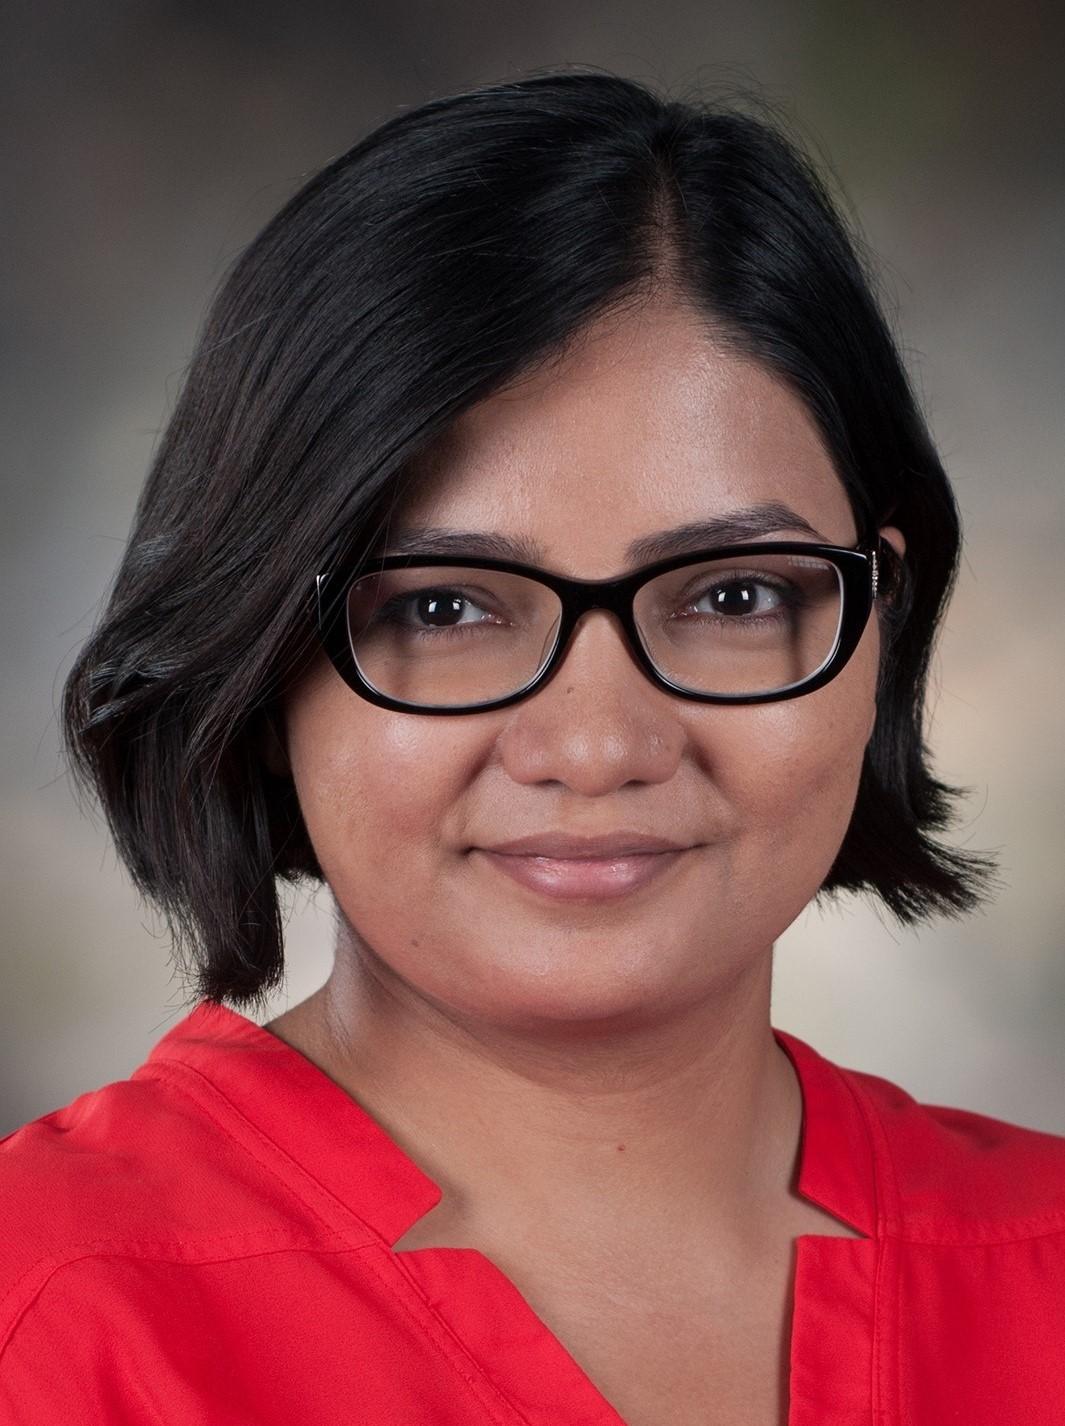 Apeksha N. Agarwal, M.B.B.S., M.D.